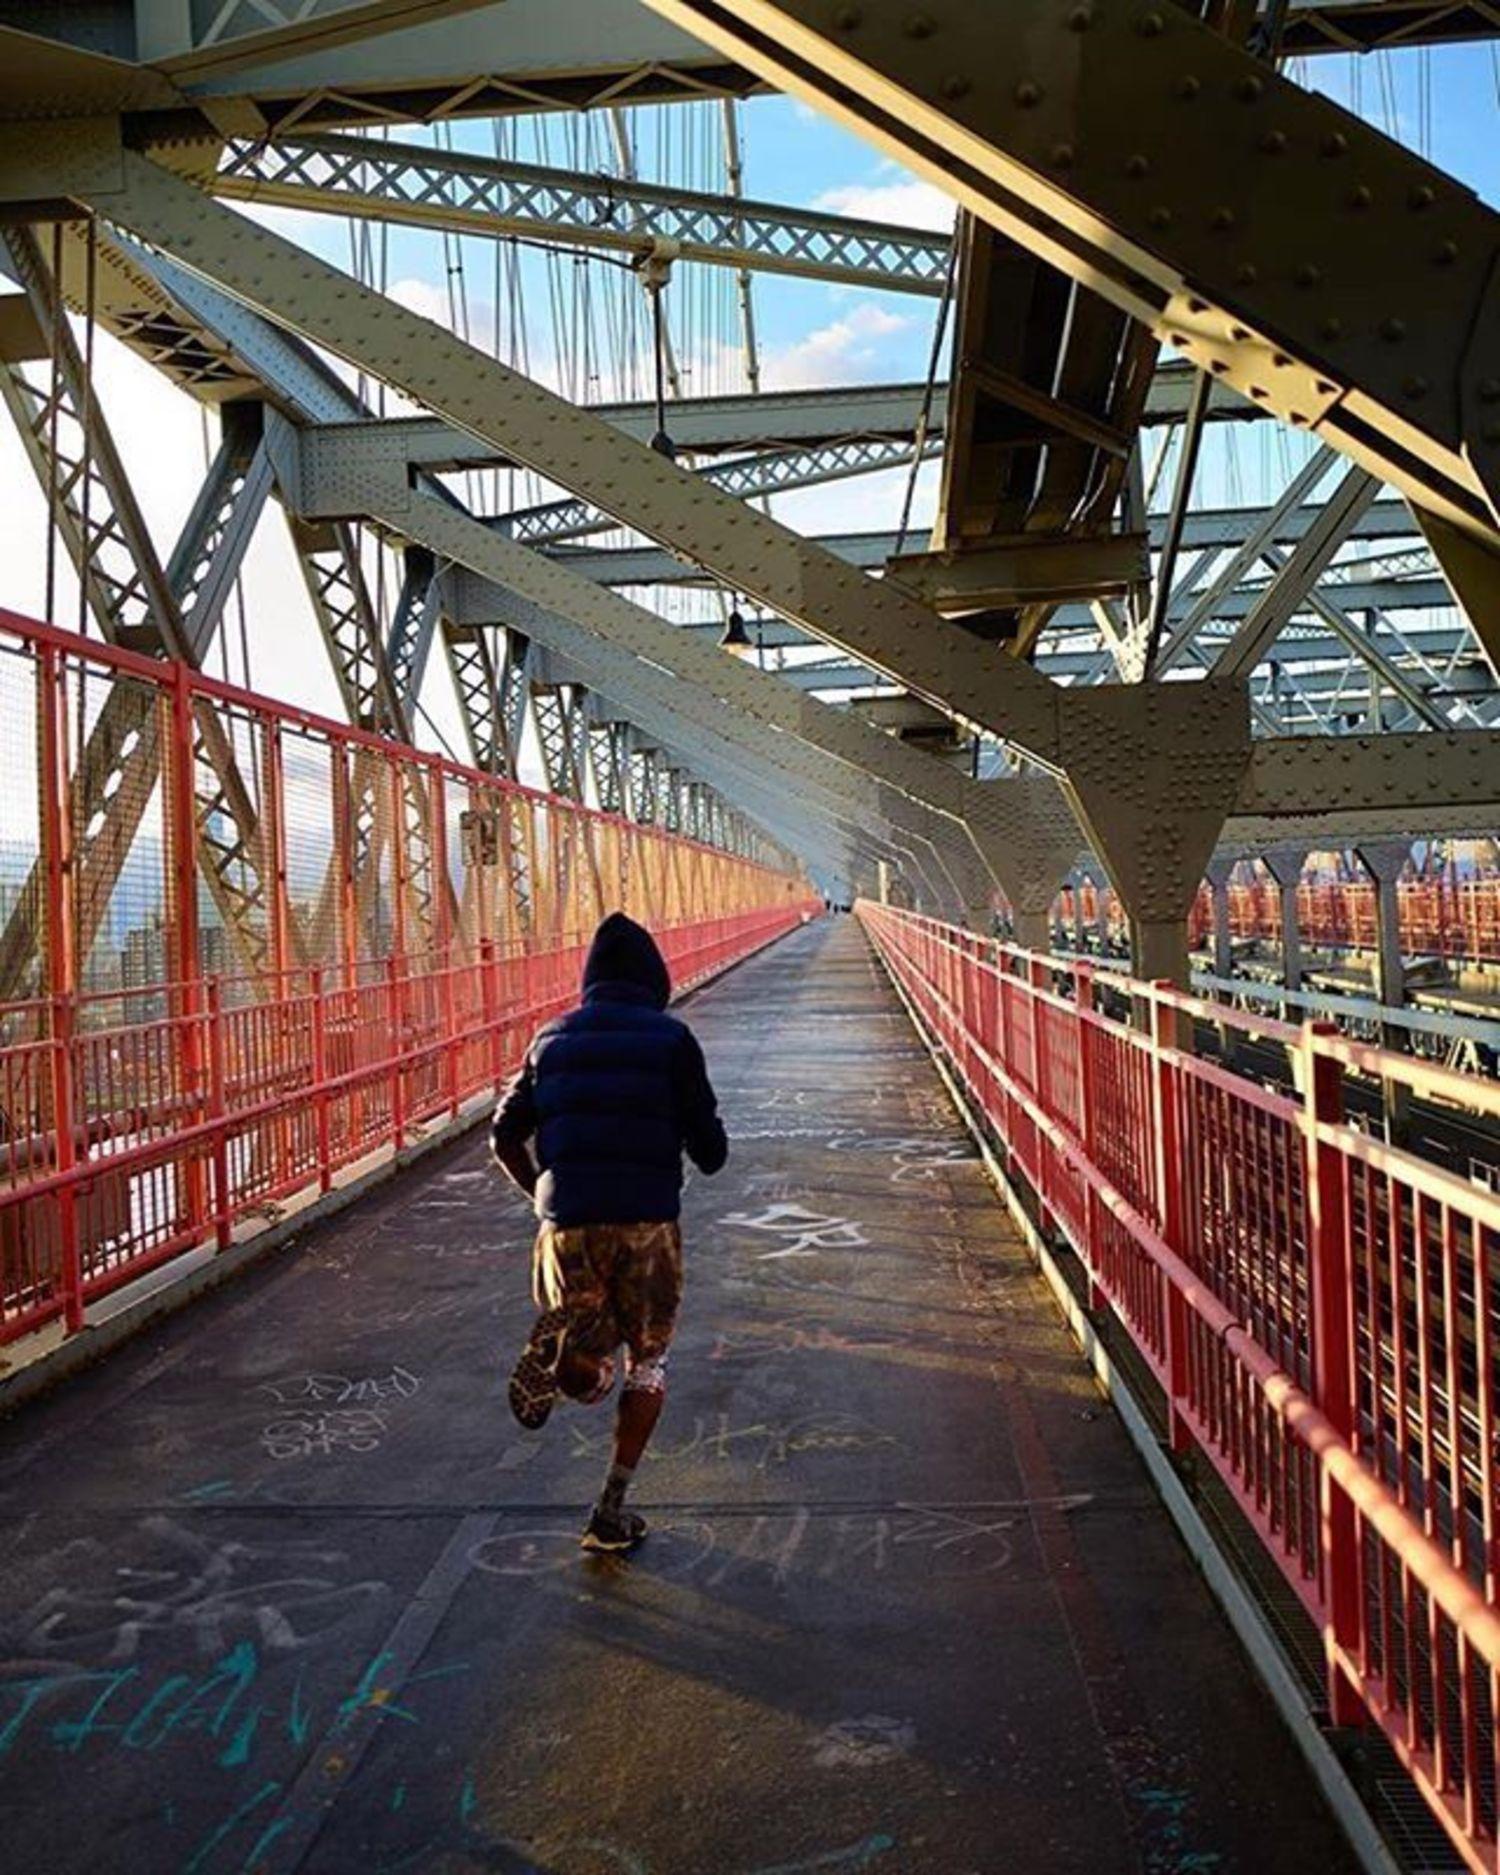 Williamsburg Bridge, New York. Photo via @steve.gomes #viewingnyc #newyork #newyorkcity #nyc #williamsburgbridge #running